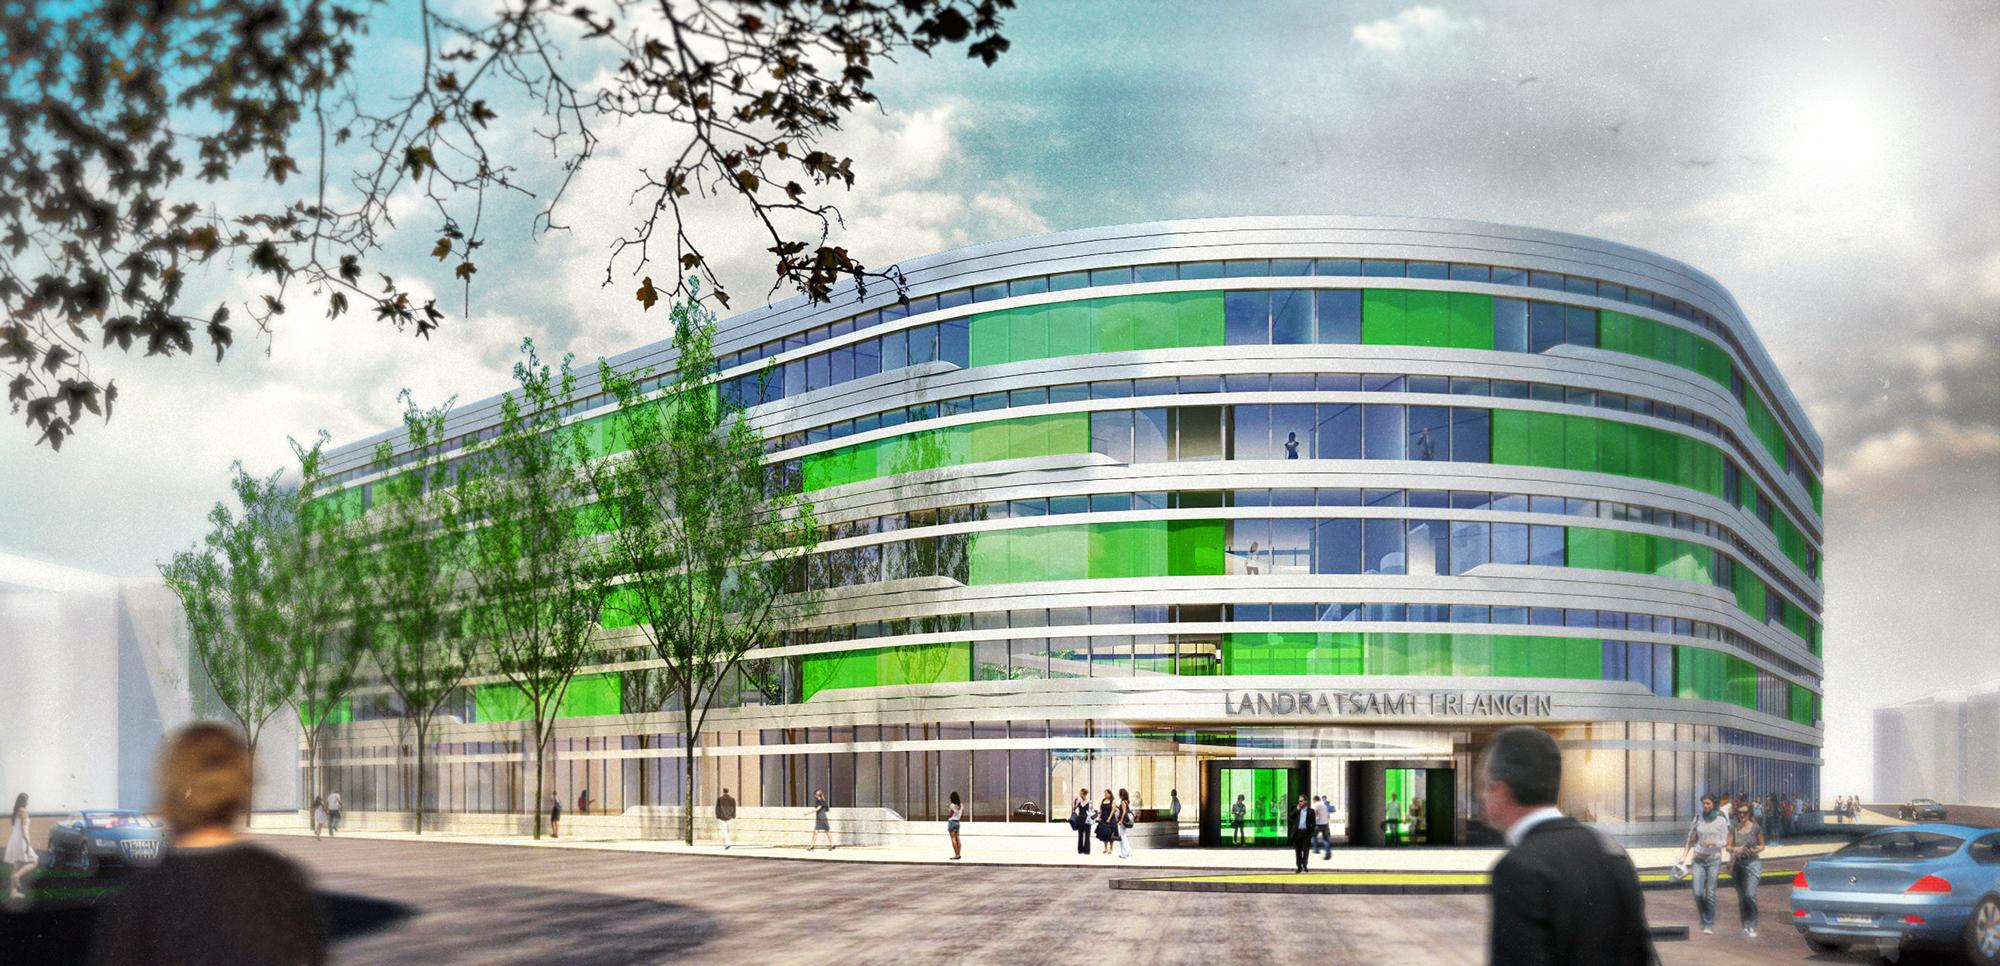 Anjana Perera Visualisierung - Wettbewerb Rathaus Erlangen - Ackermann + Renner Architekten GmbH